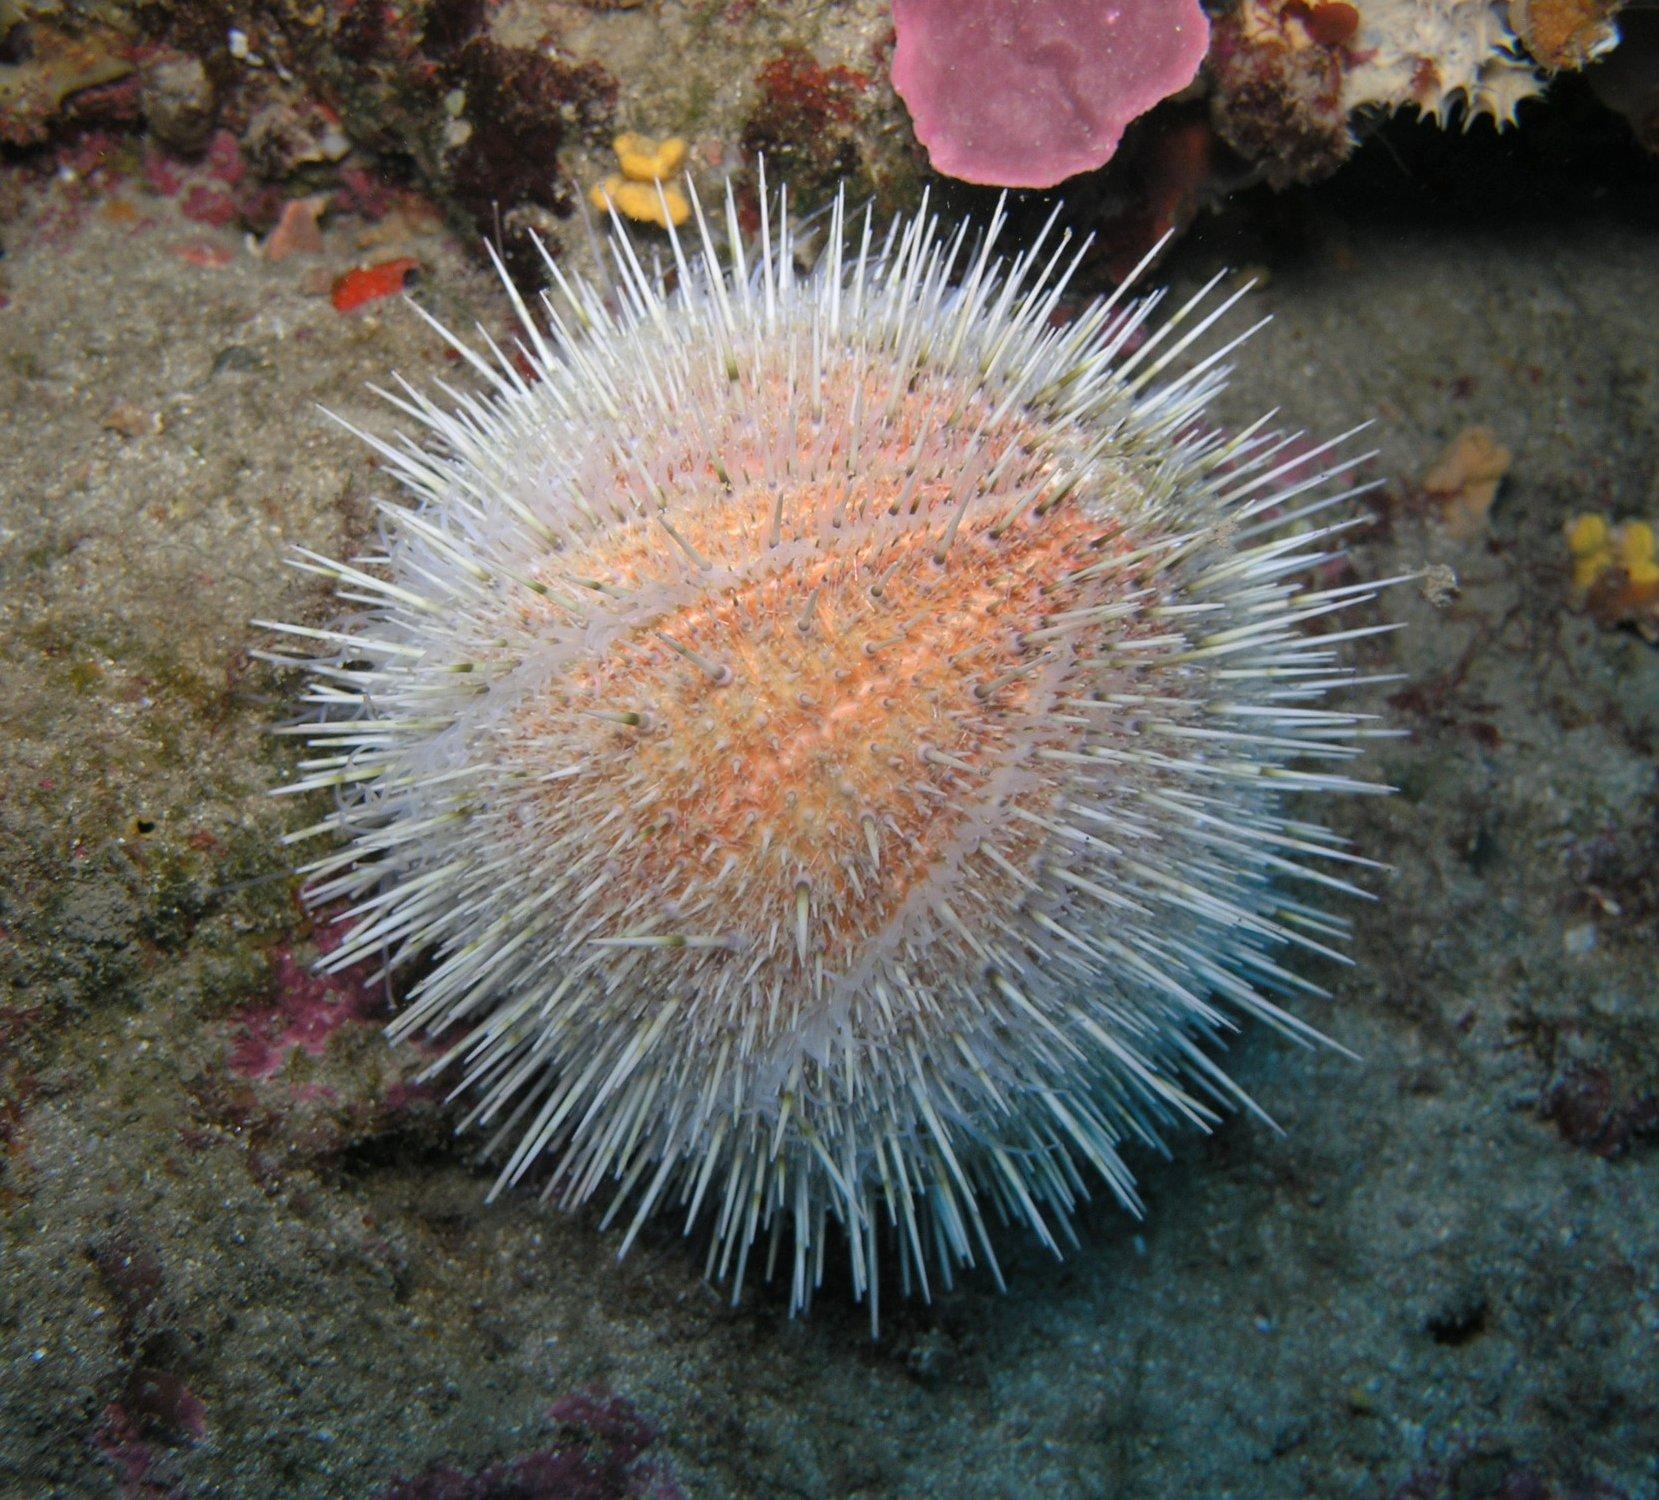 4400 Koleksi Gambar Hewan Landak Laut Gratis